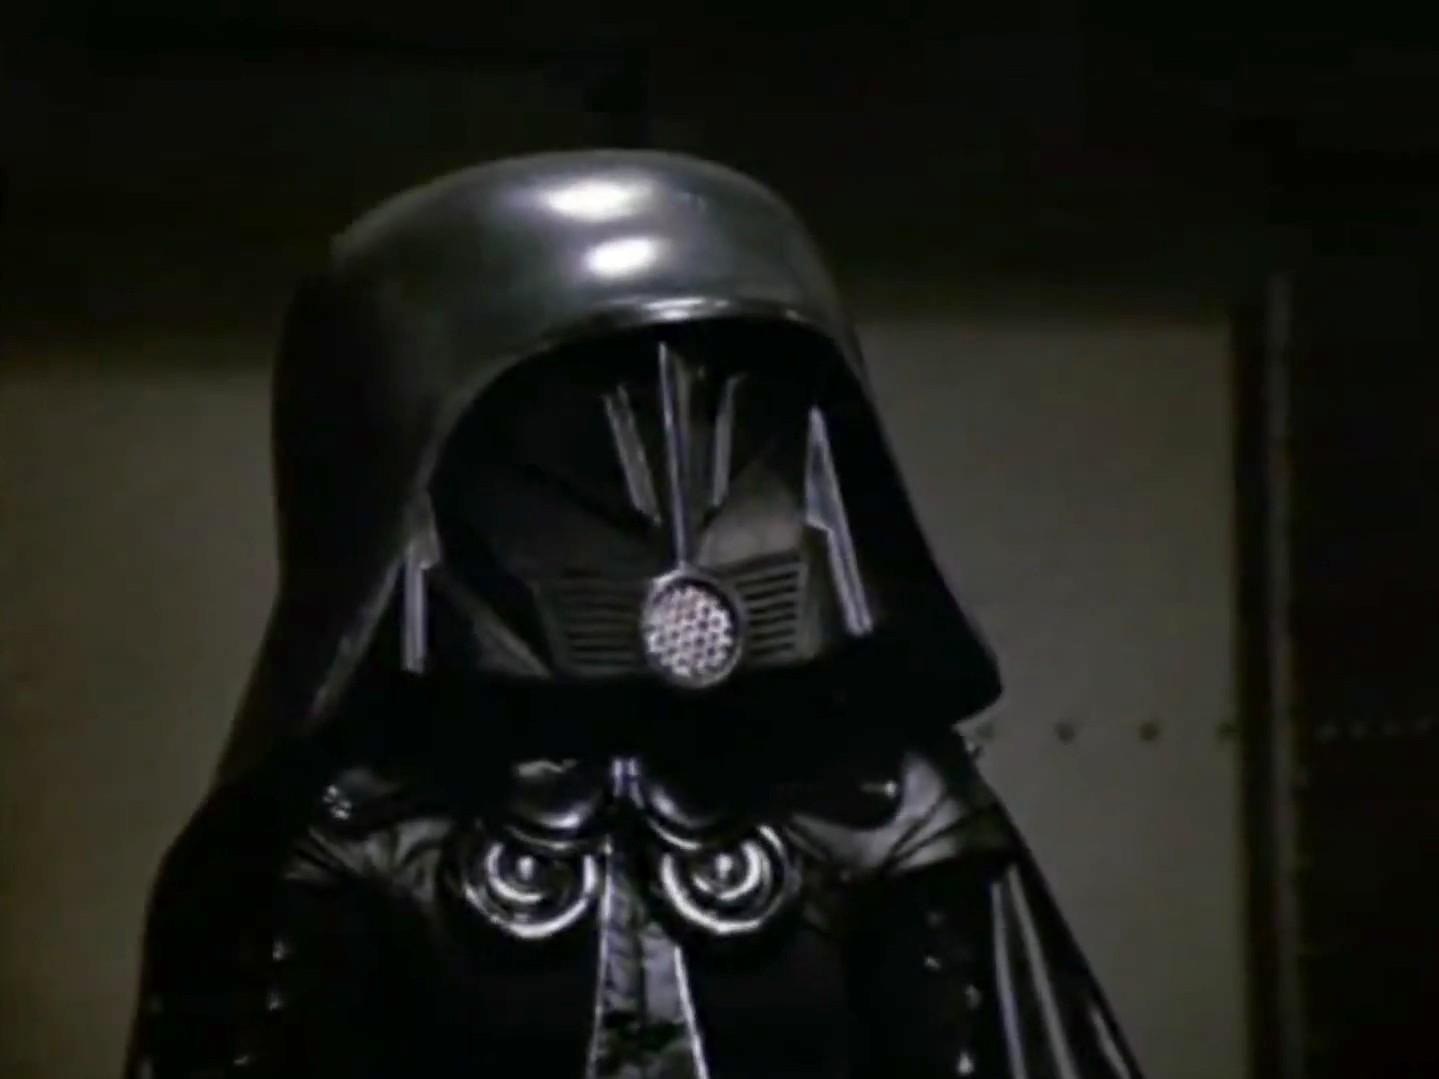 image rick moranis as dark helmet in spaceballs jpg